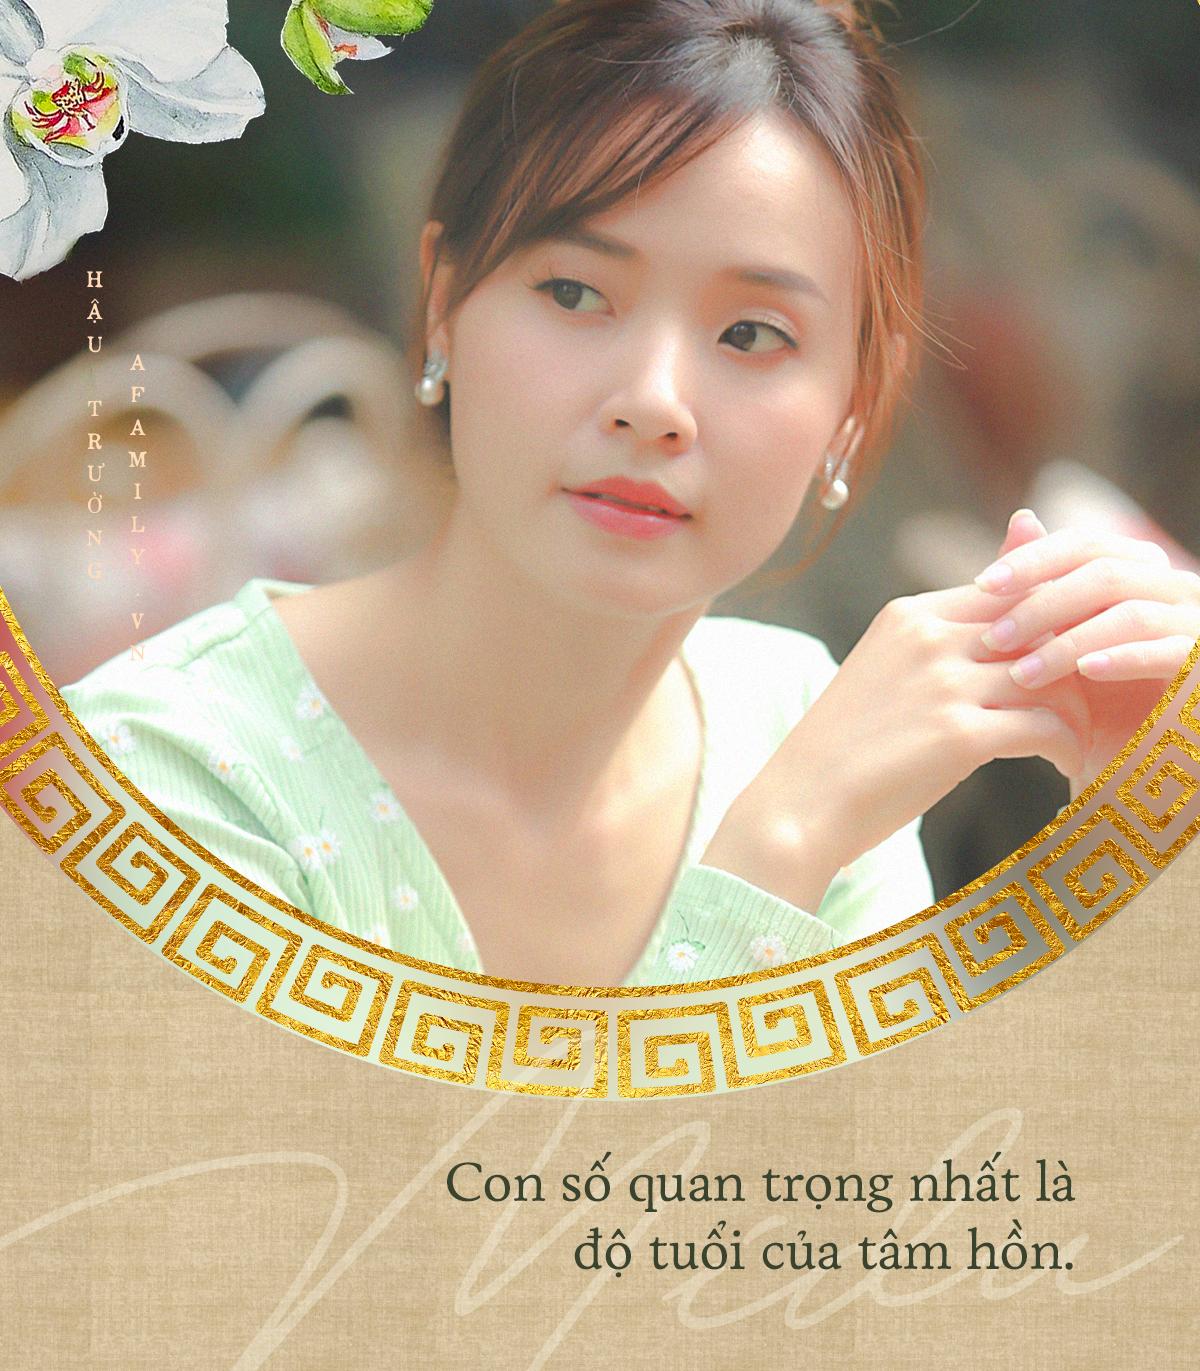 """30 Tết gặp gỡ cô nàng Midu hỏi chuyện """"bao giờ cưới chồng"""": Nếu không tìm được người """"vừa đủ"""" thì sống 1 mình cho khỏe - Ảnh 5."""